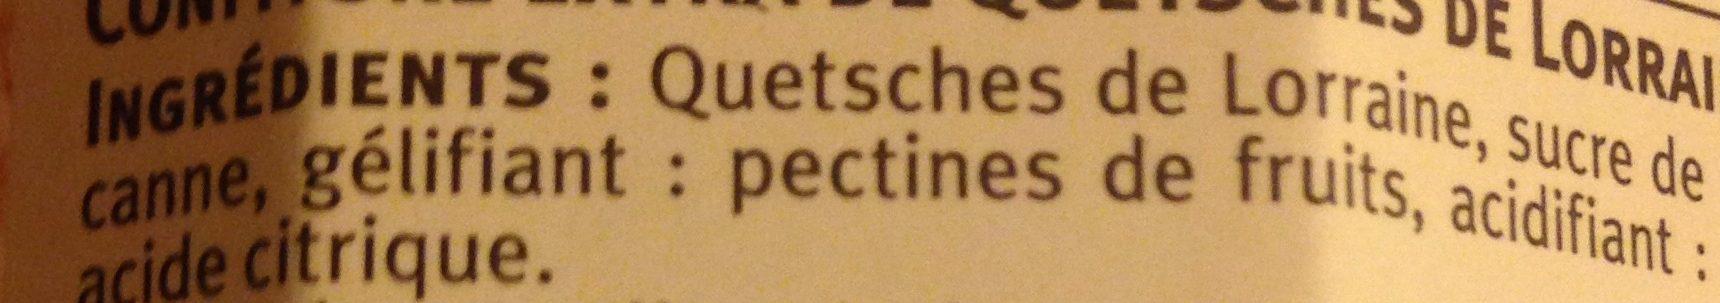 Confiture de Quetsche de Lorraine - Ingrediënten - fr